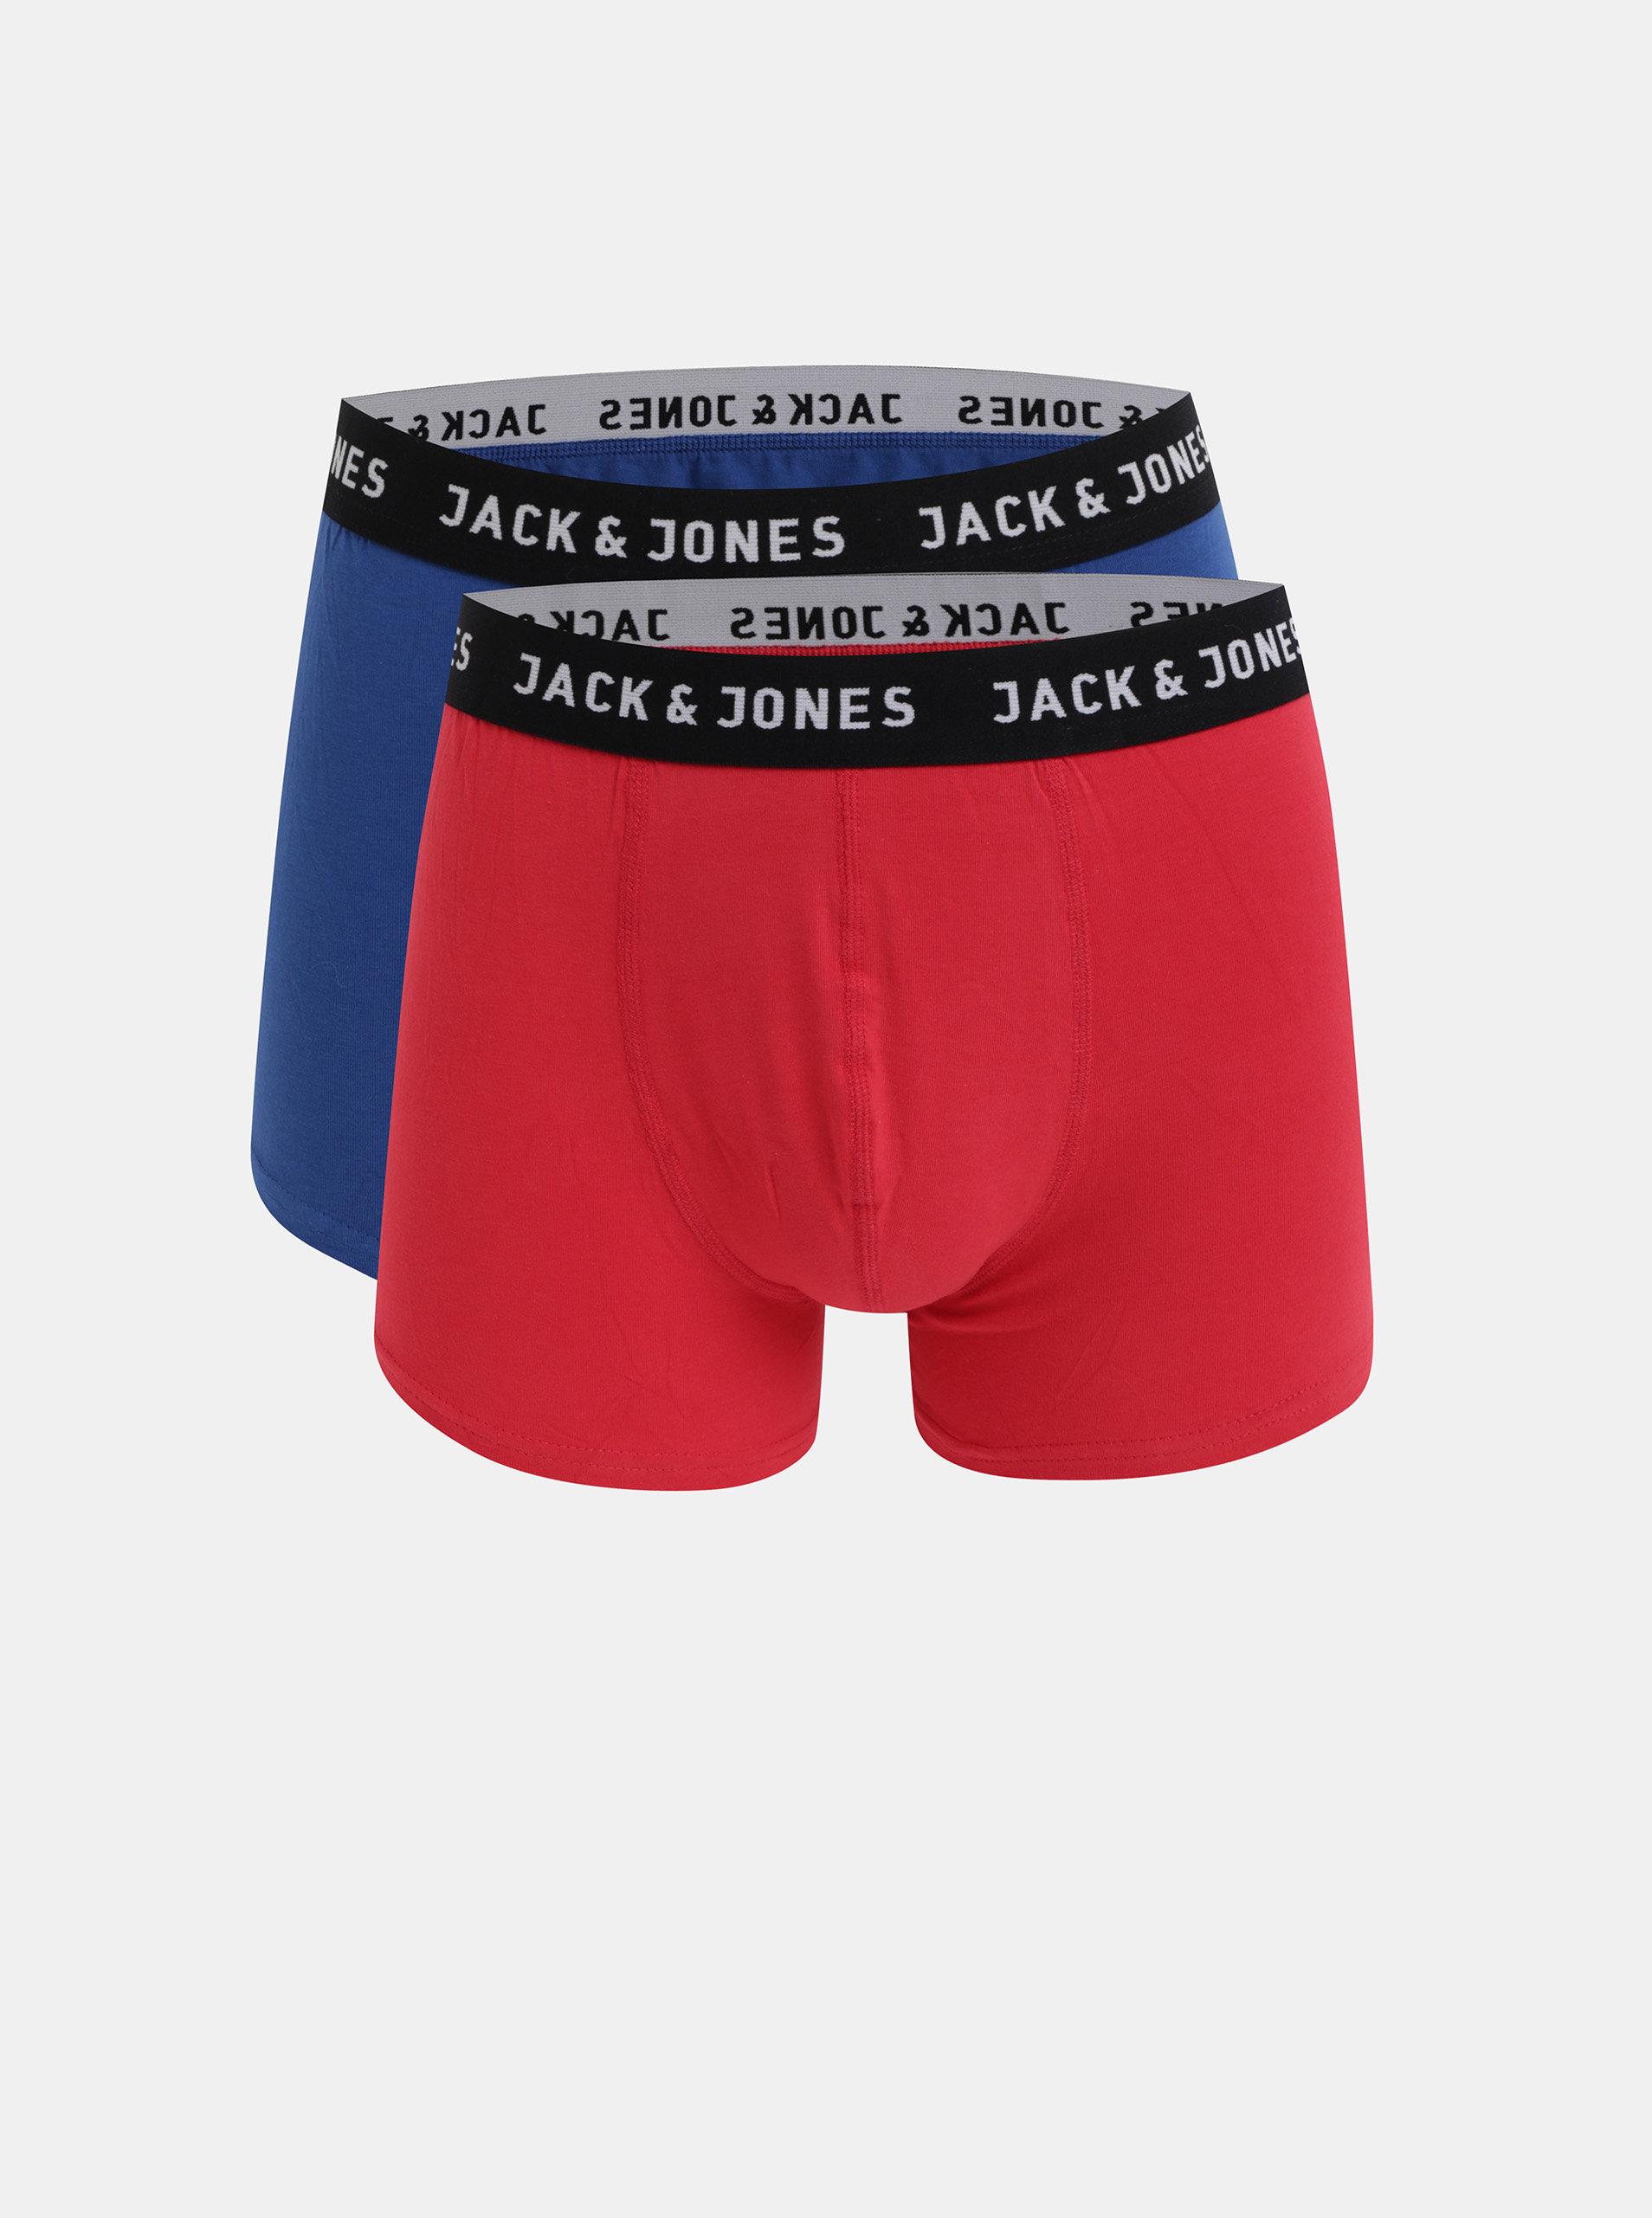 Sada dvou boxerek v modré a červené barvě Jack & Jones